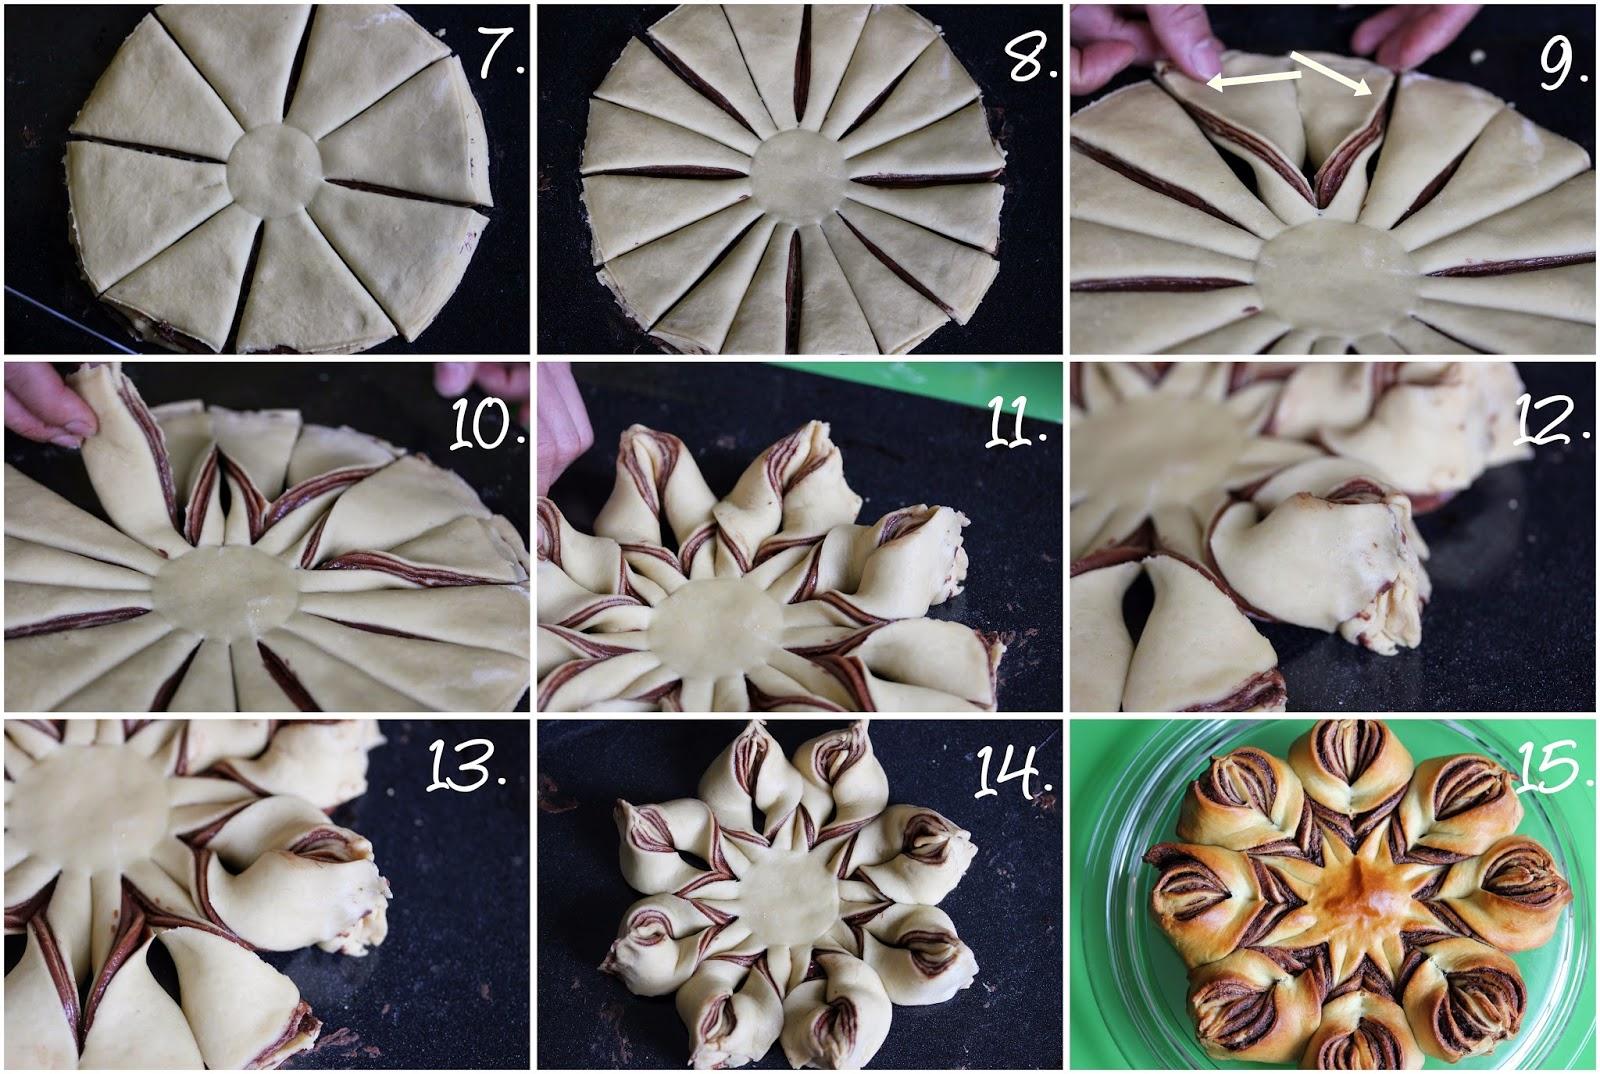 Sachen Die Glucklich Machen Nutella Stern Blume